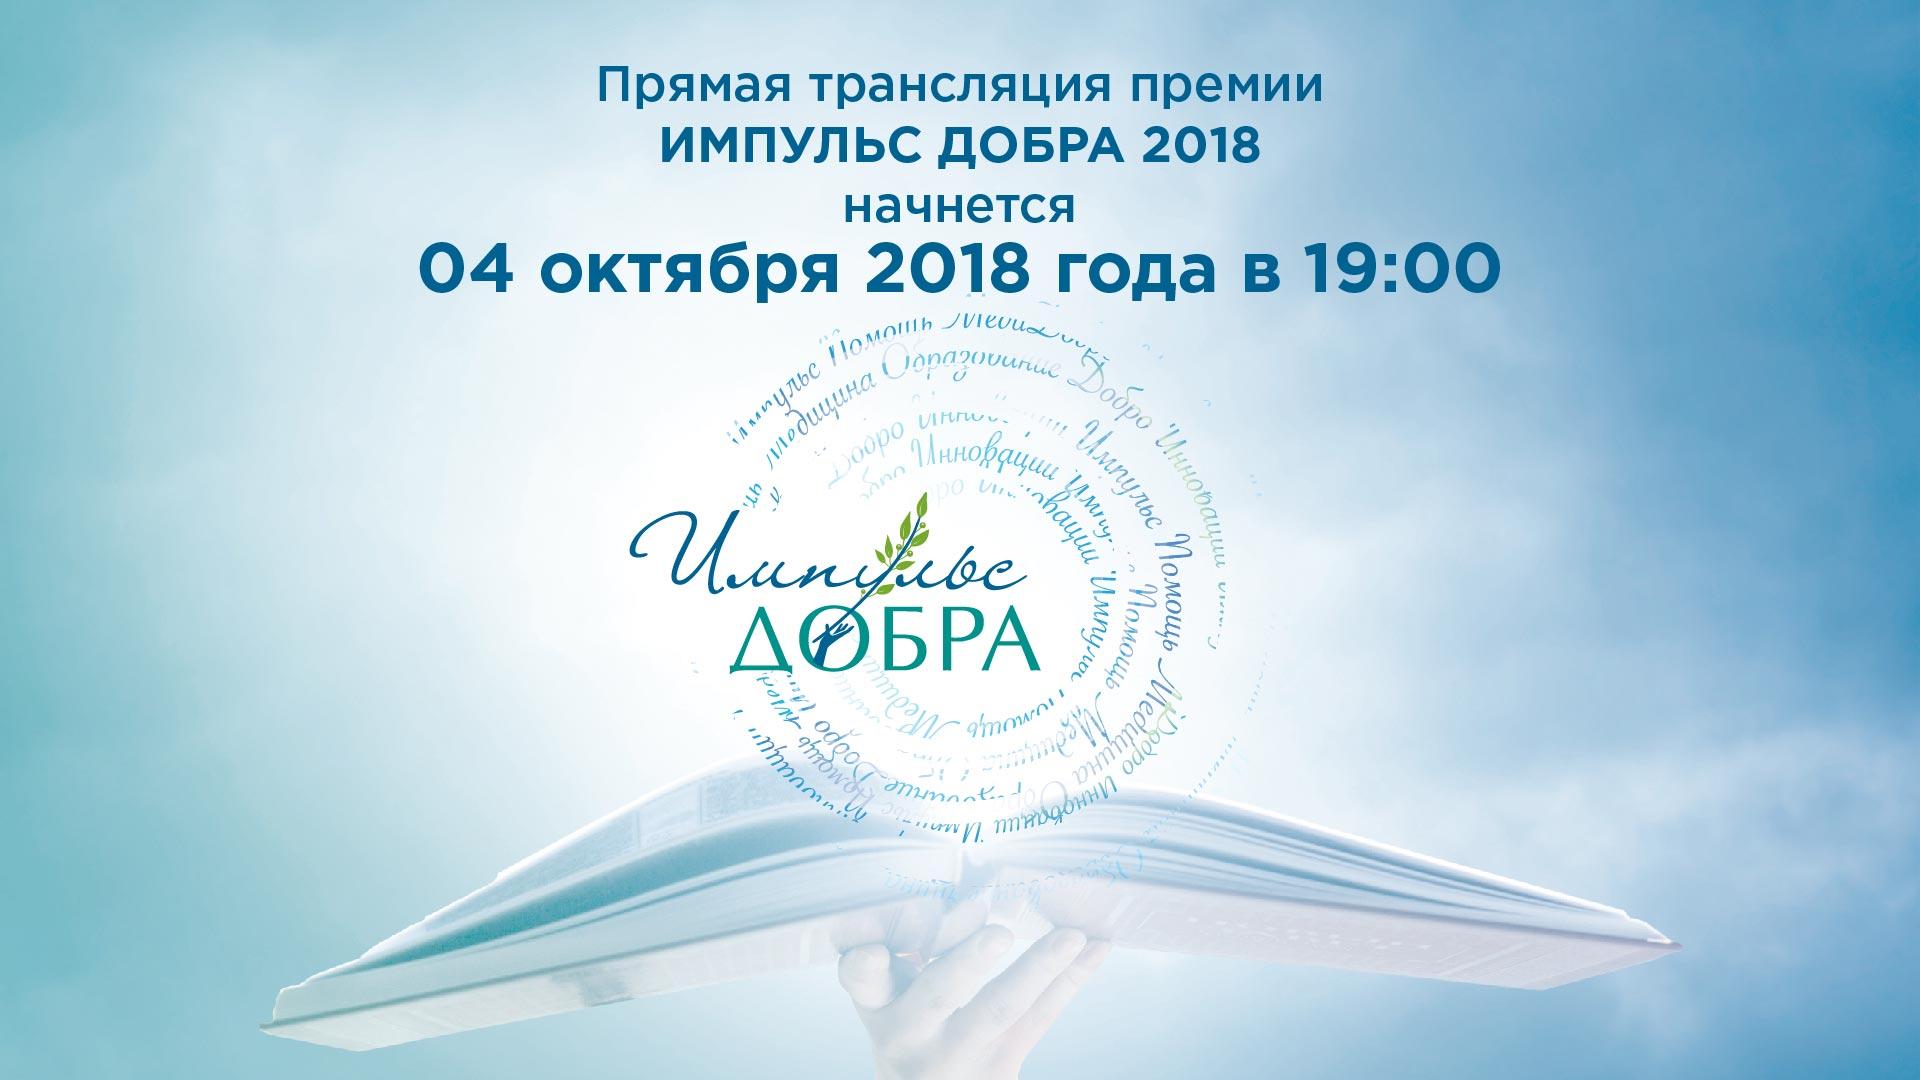 """Церемонию премии """"Импульс Добра"""" 2018 московская погода сорвать не смогла"""